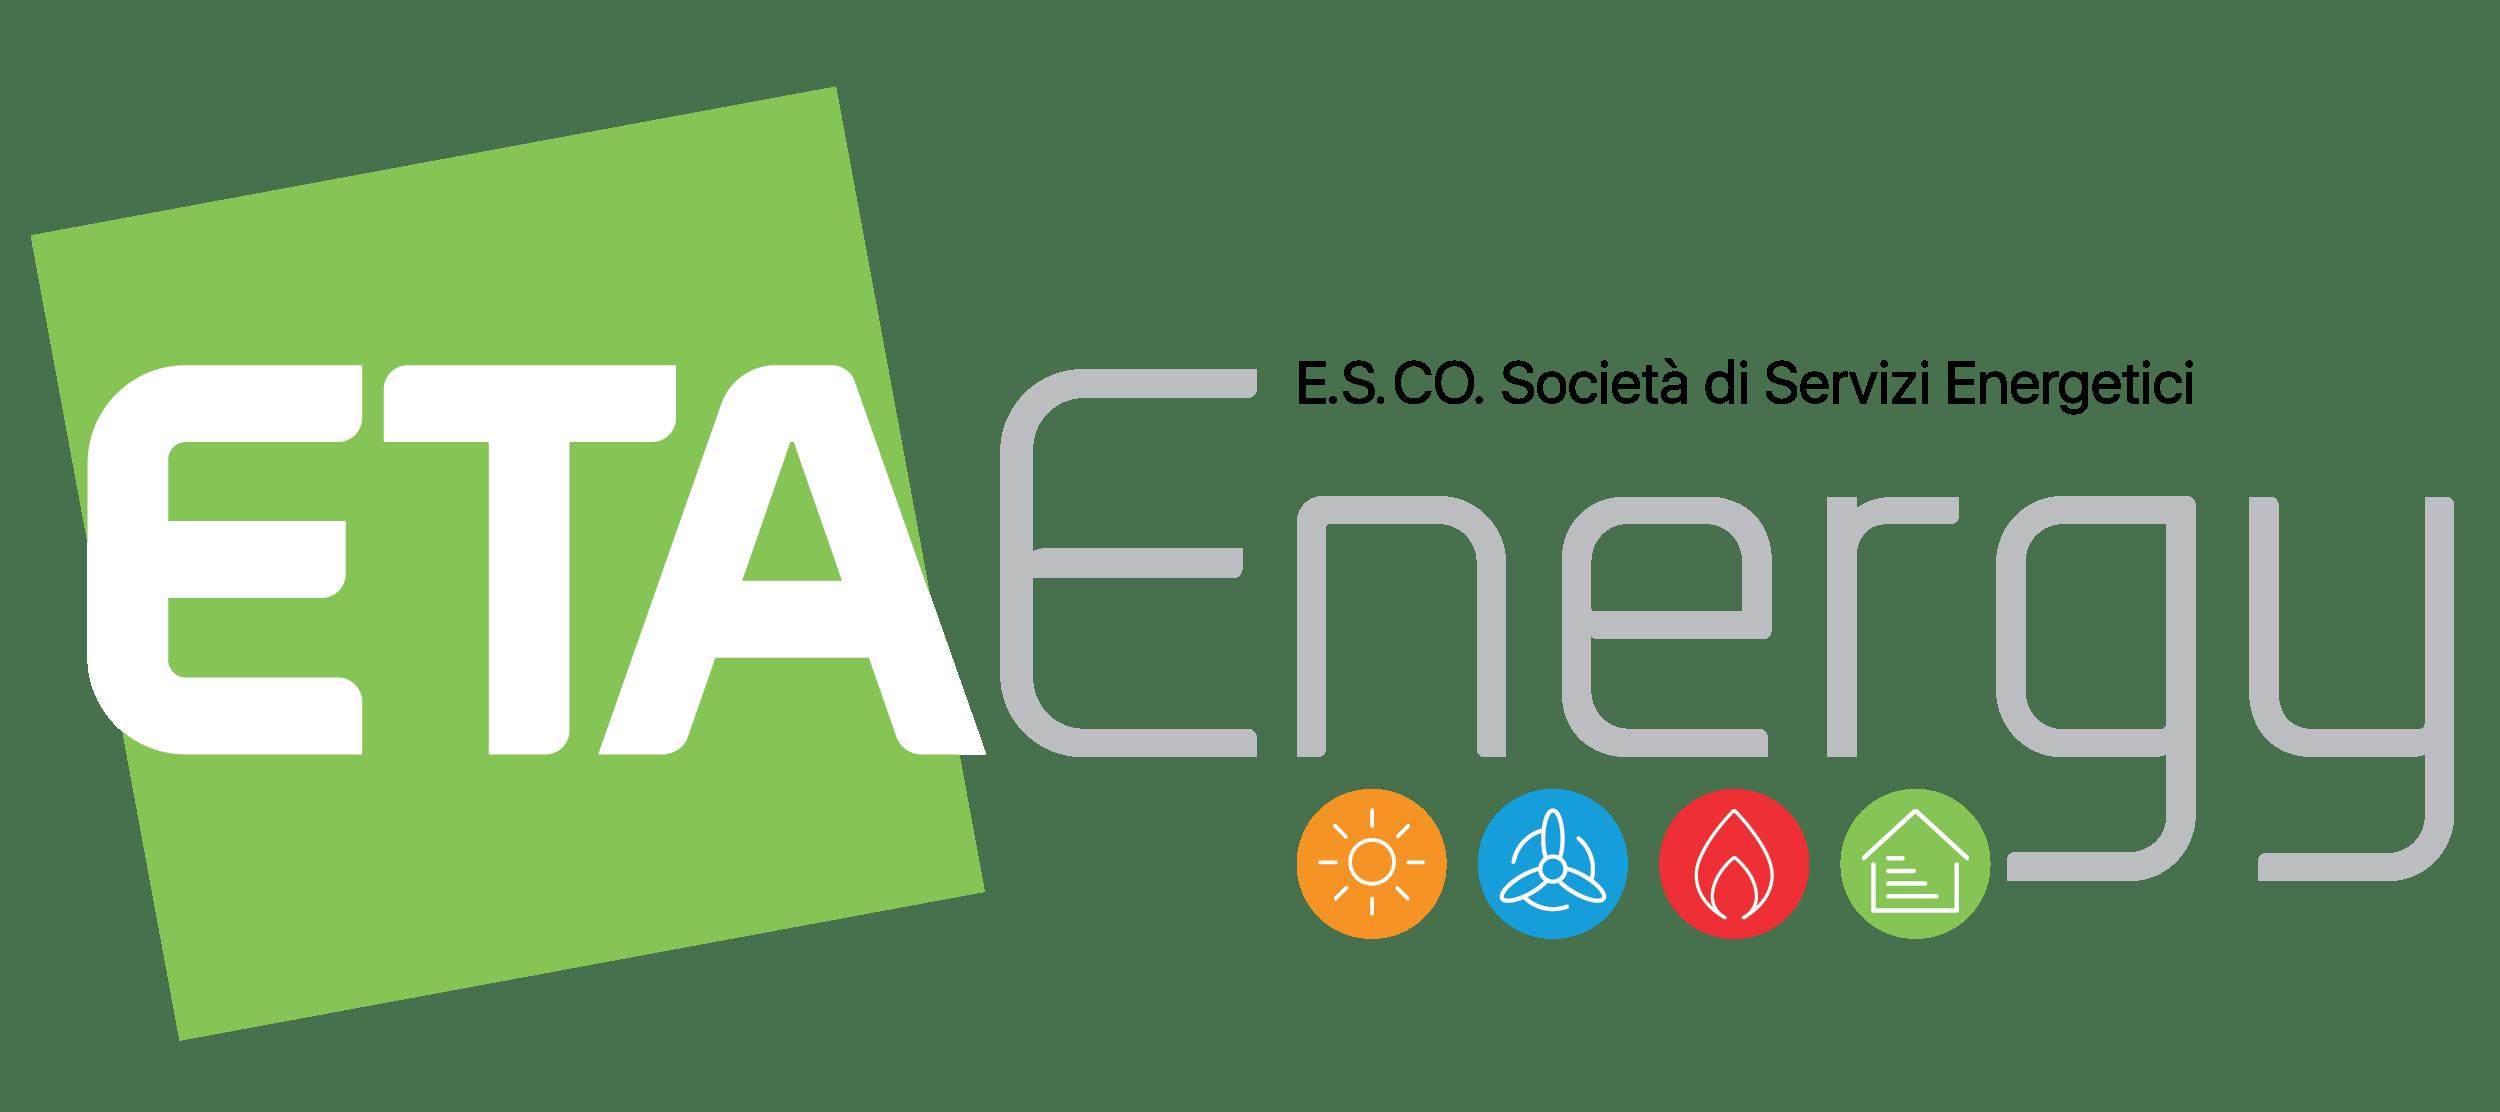 Eta Energy